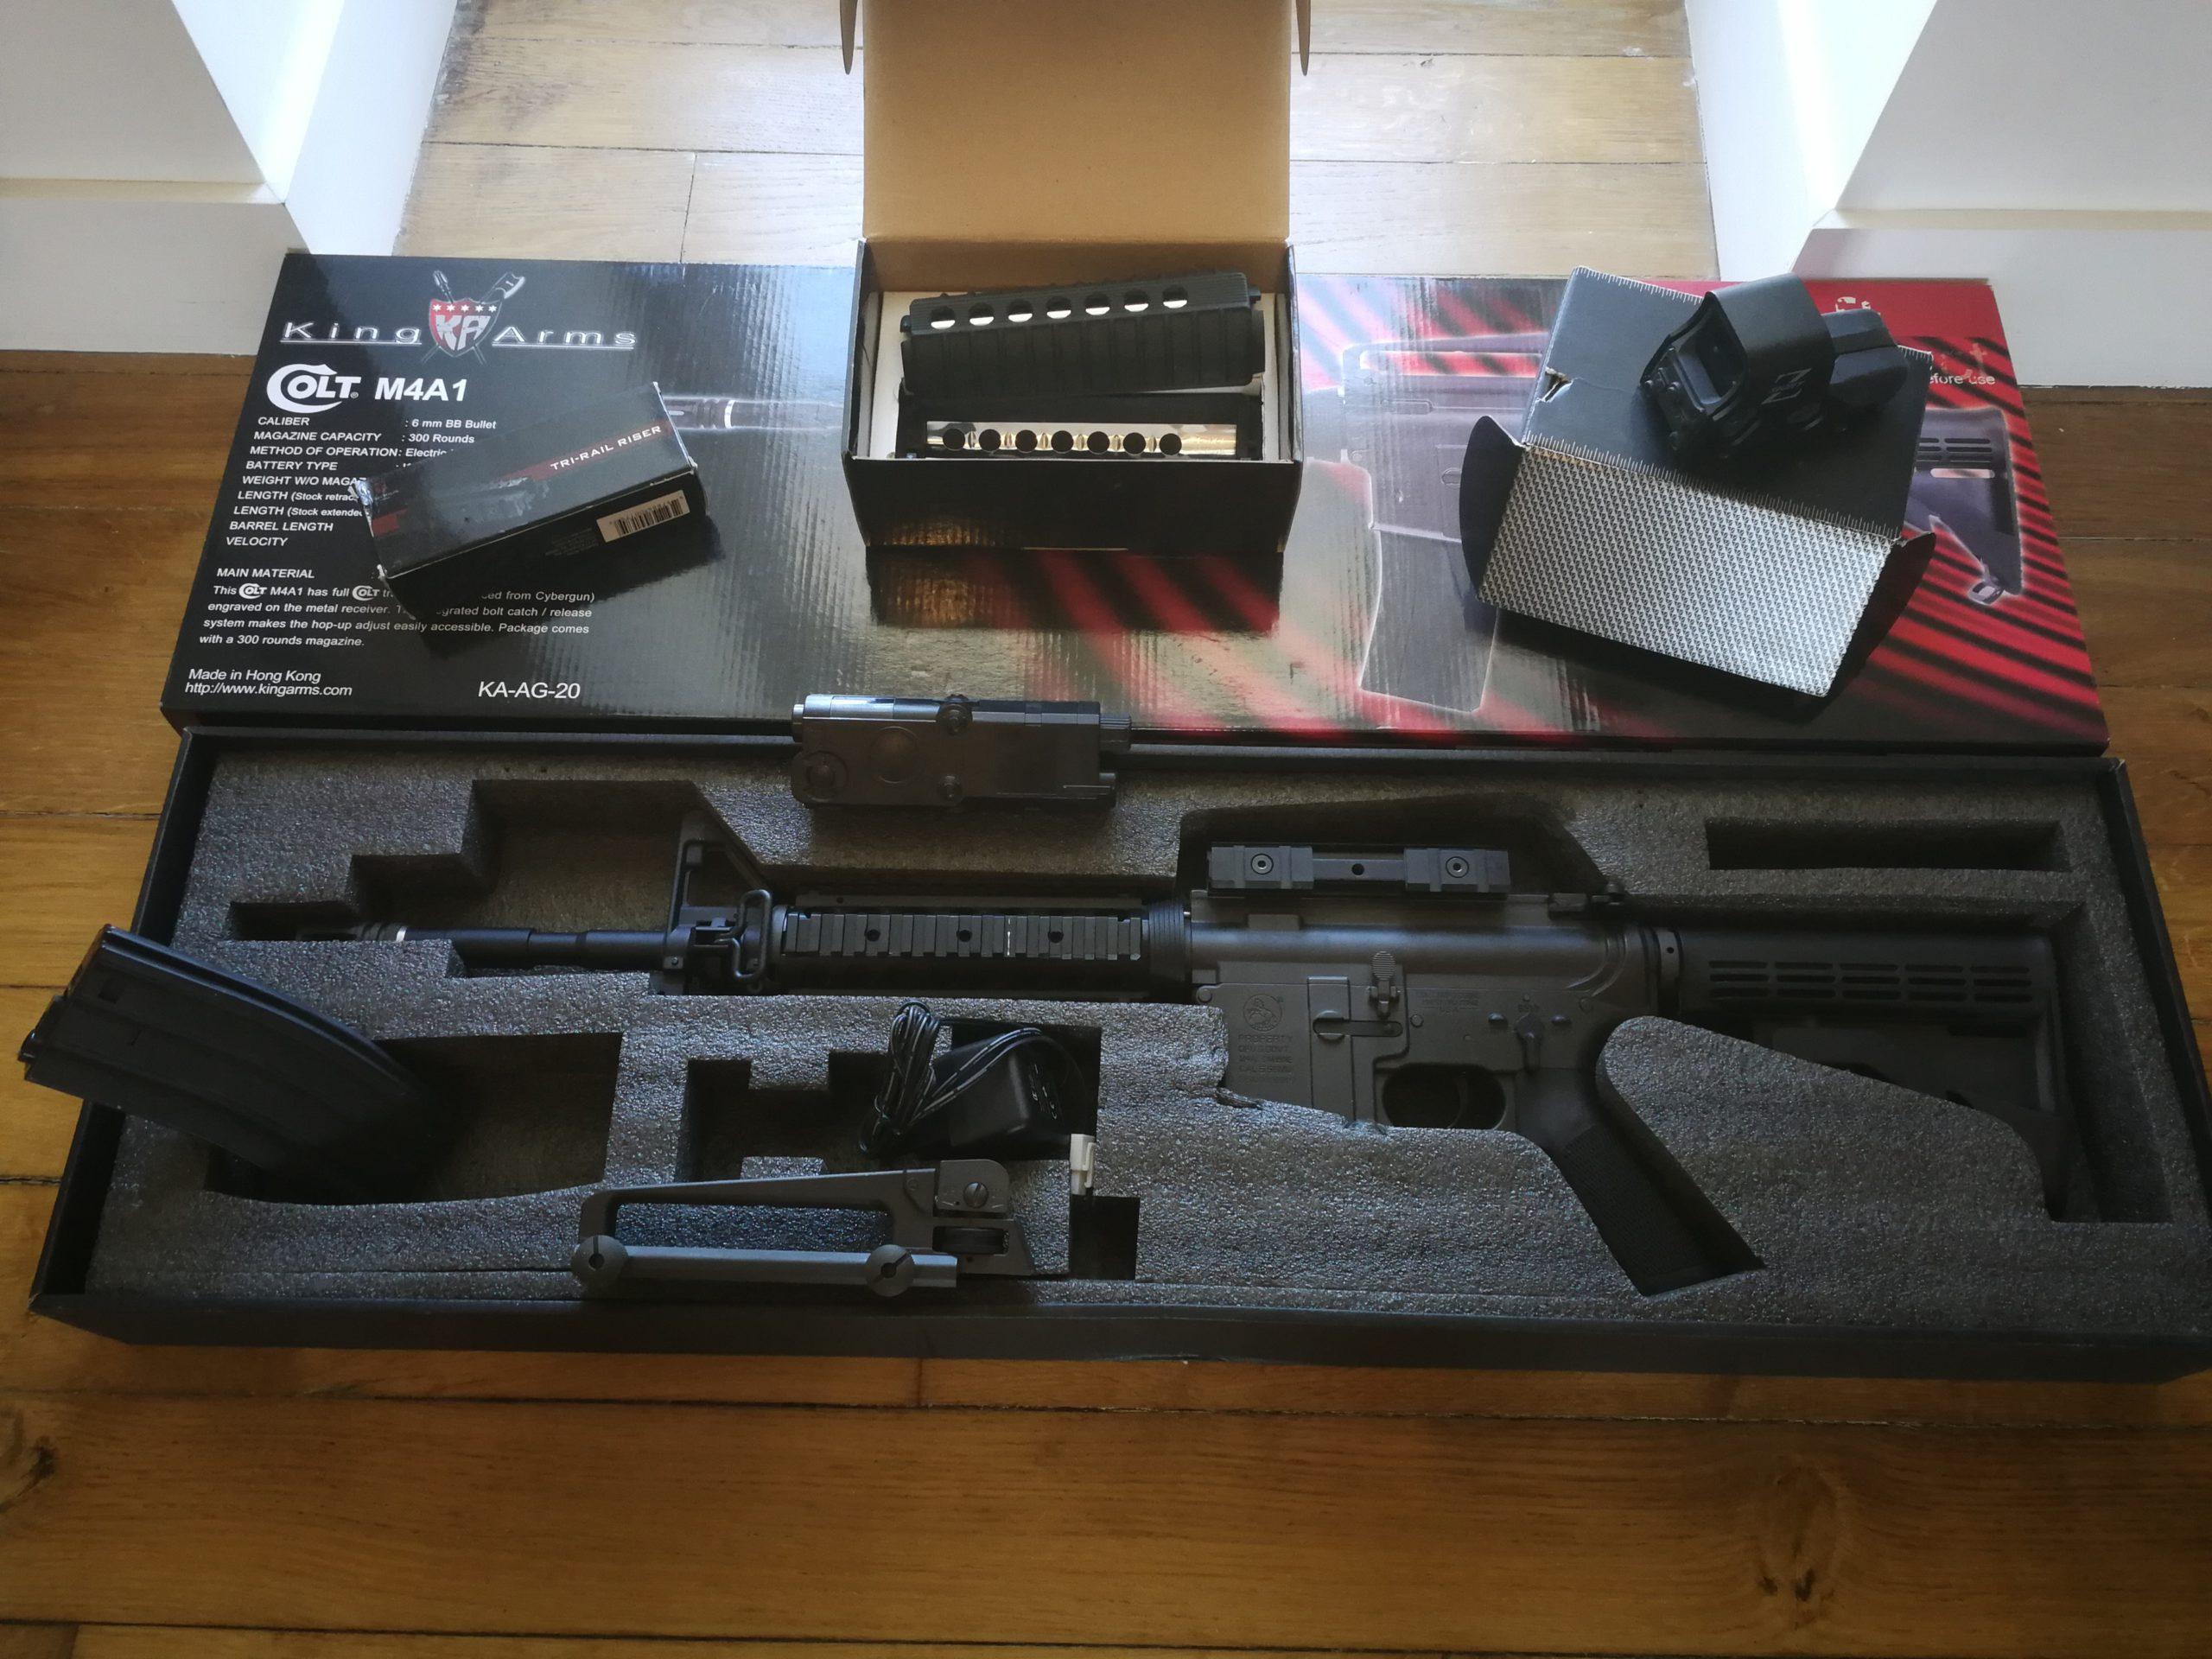 M4 A1 1,4 joule AEG  + Accessoires